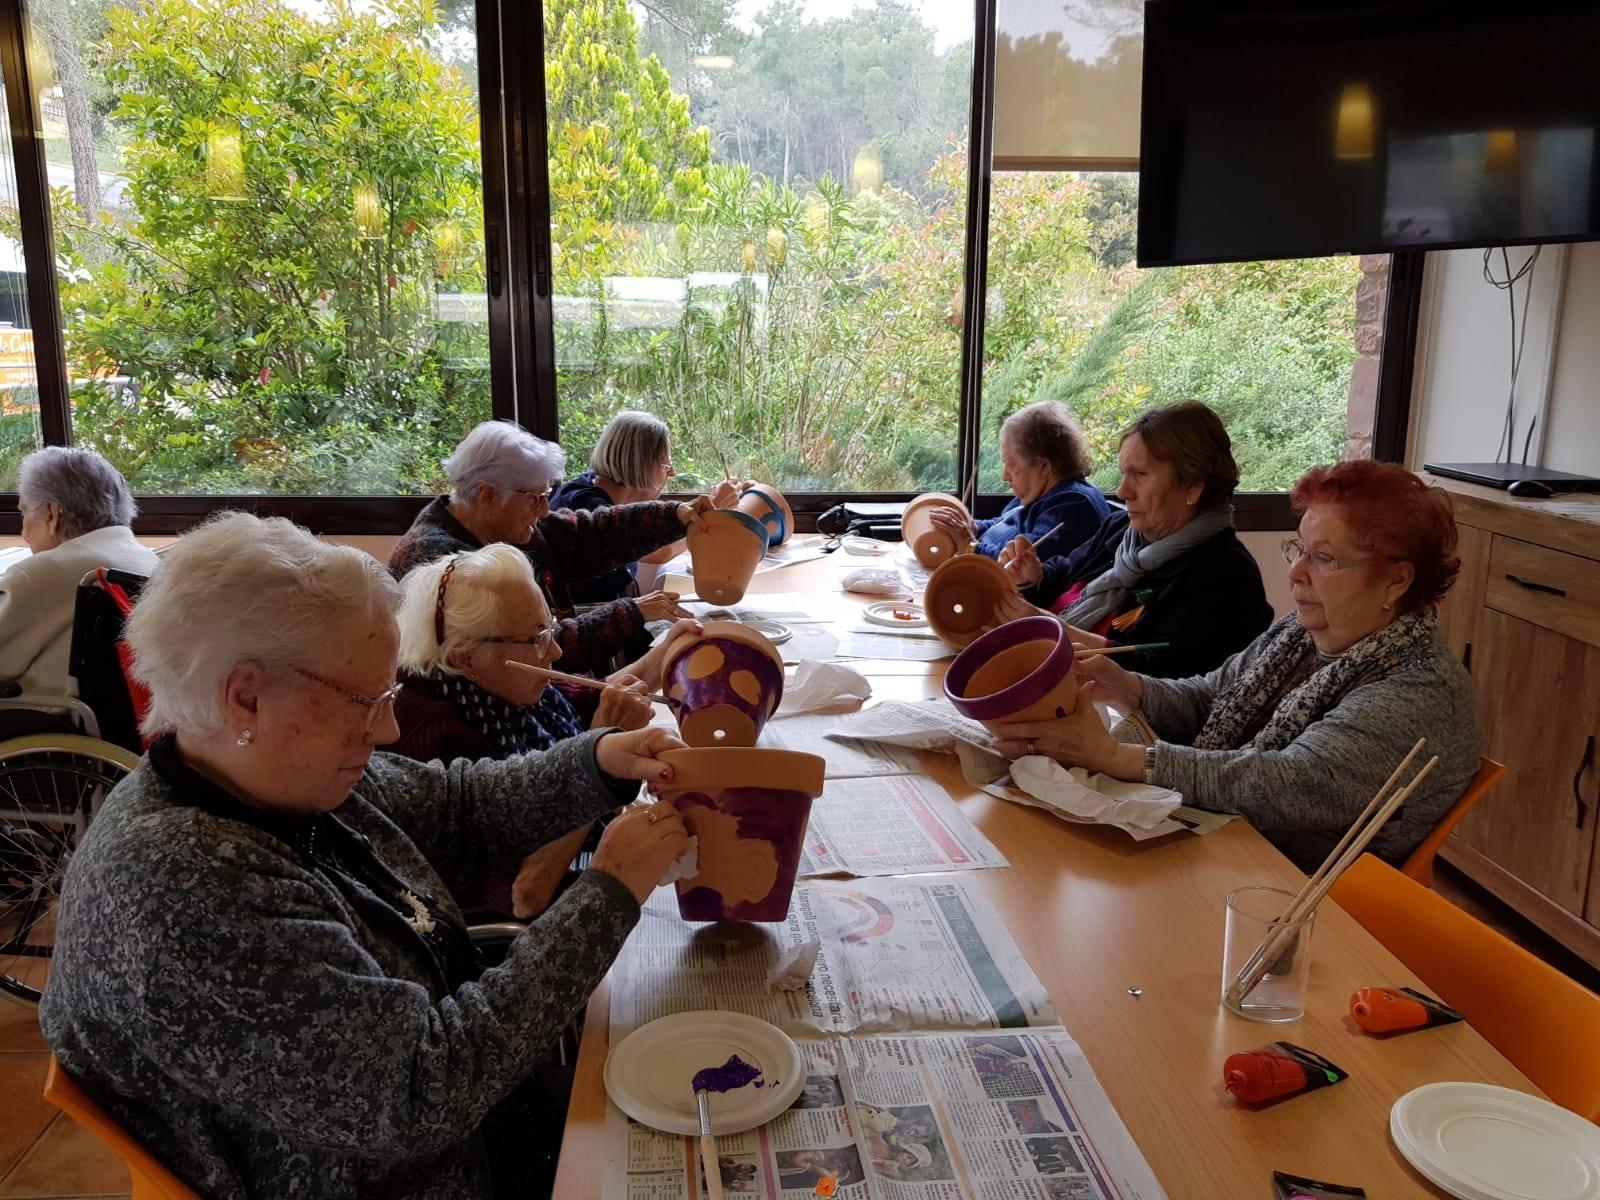 Centro de día para mayores: beneficios